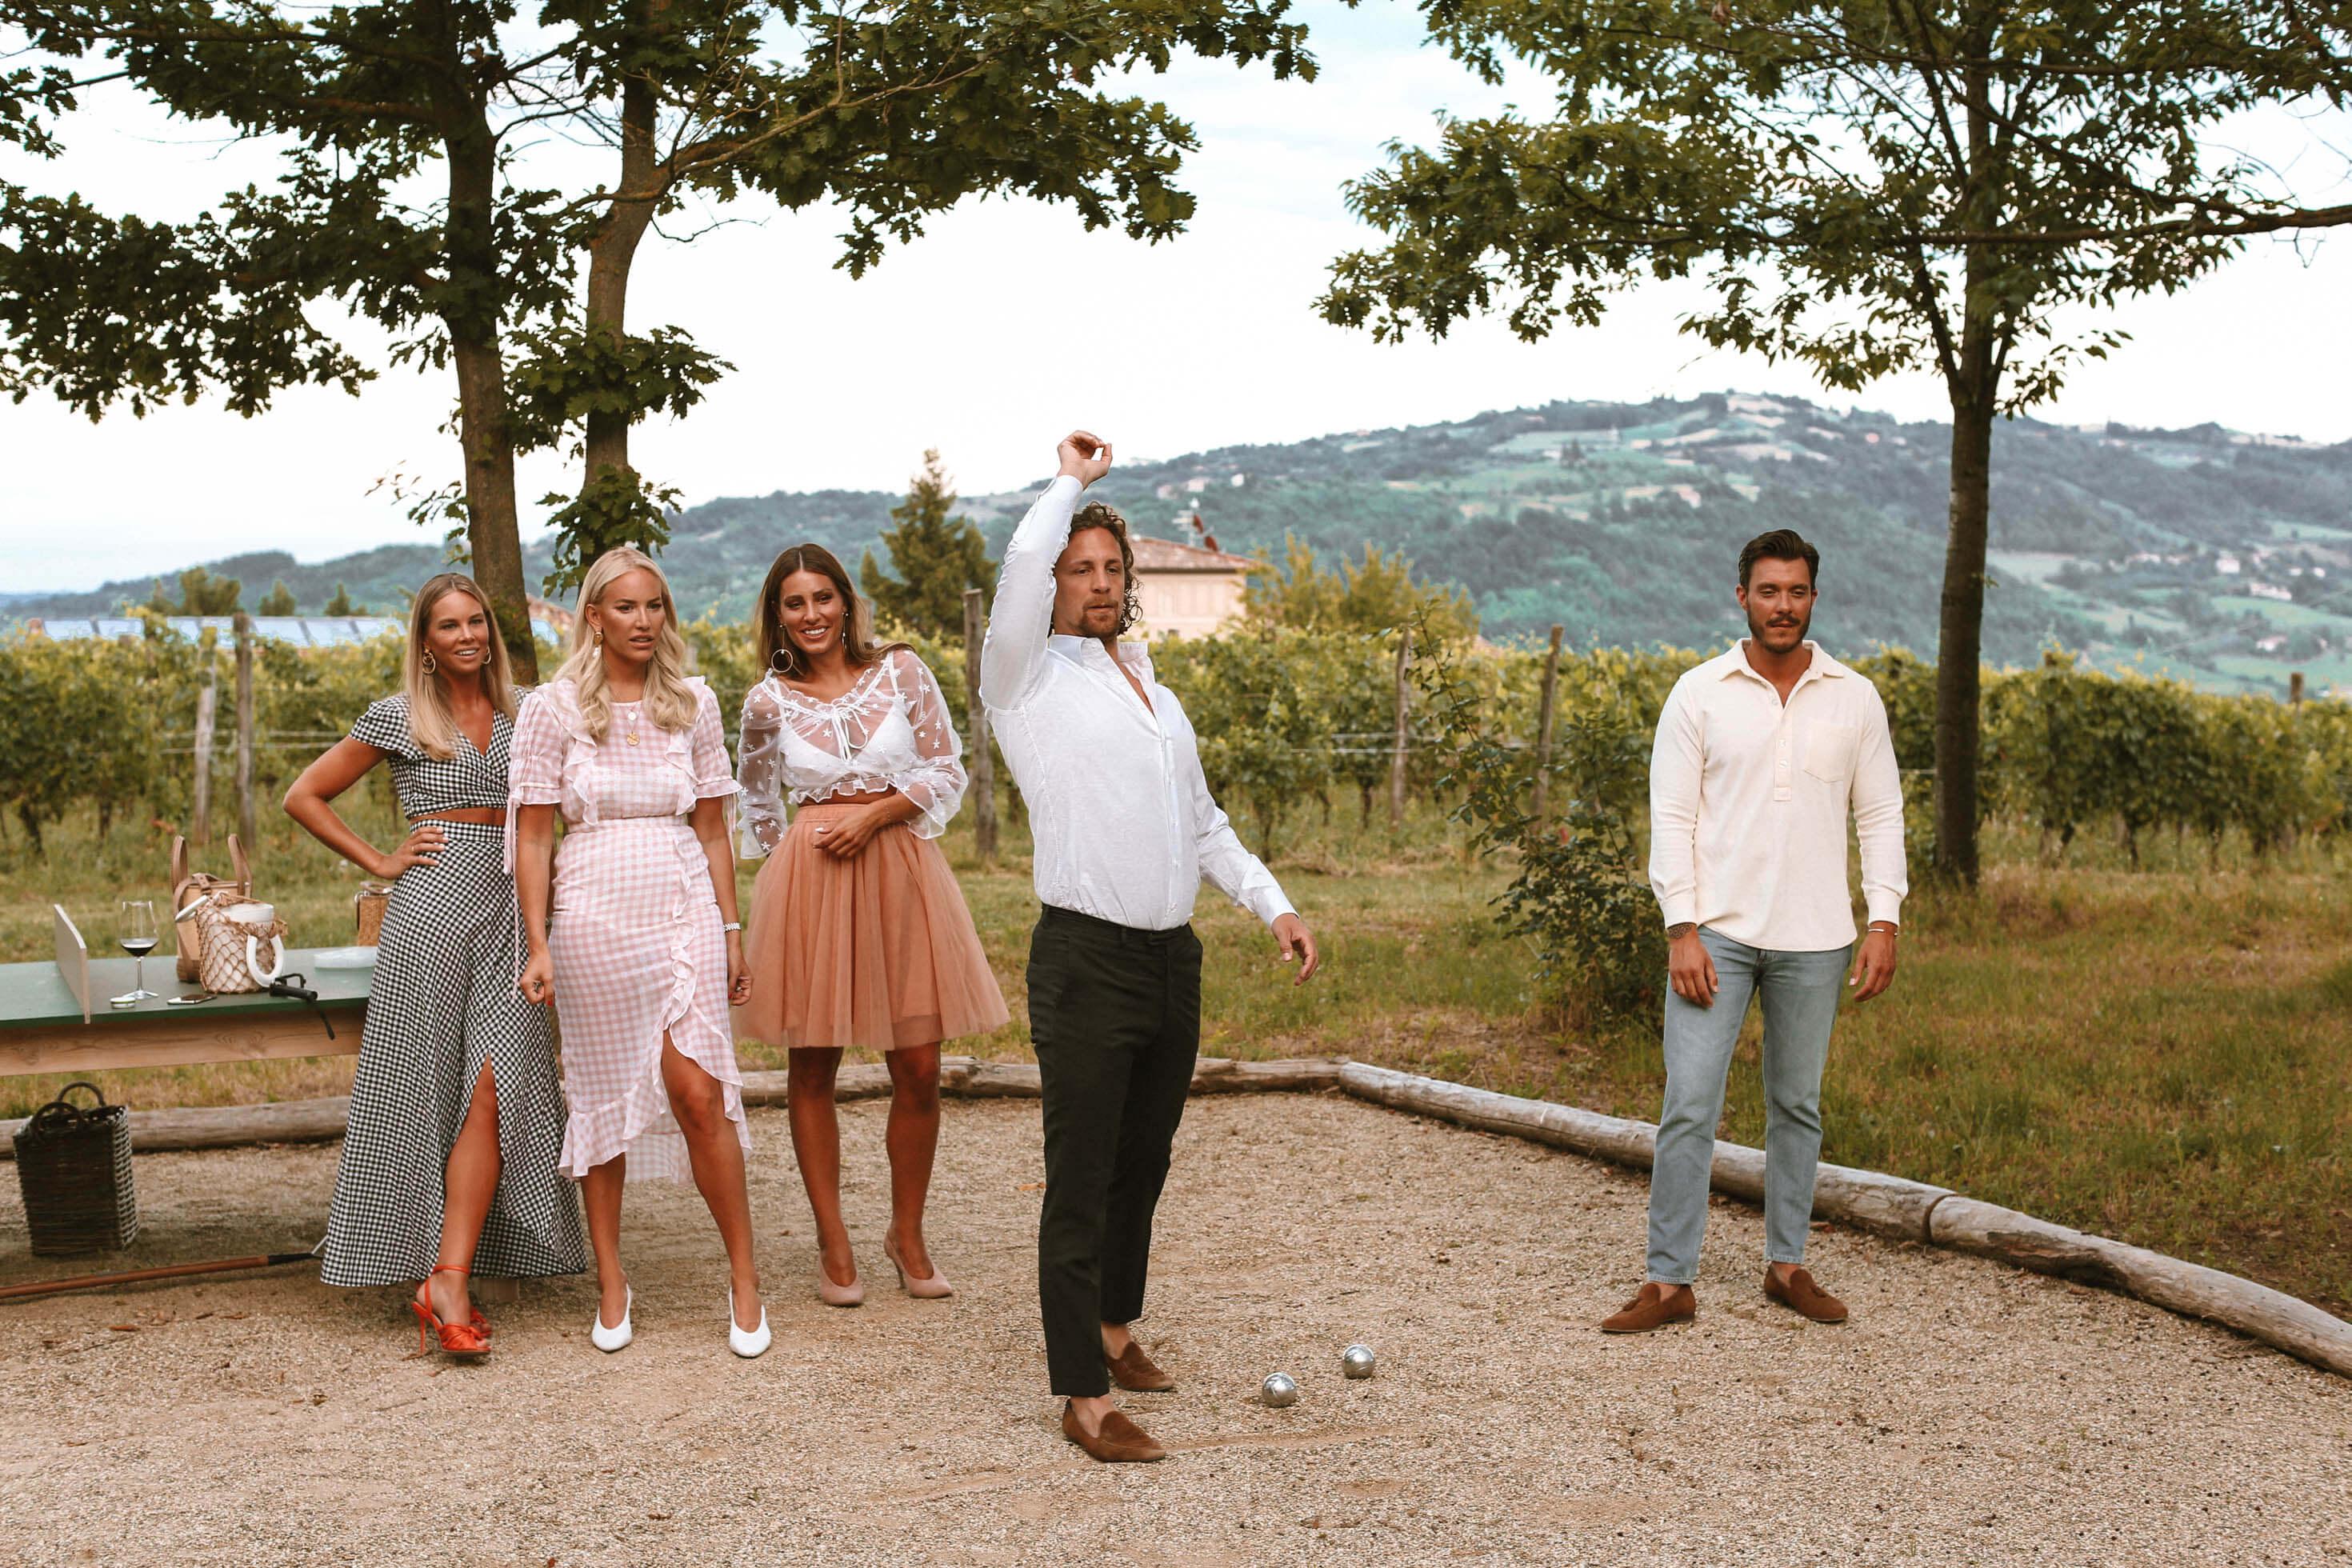 Villa la madonna blogg pris bilder_-24